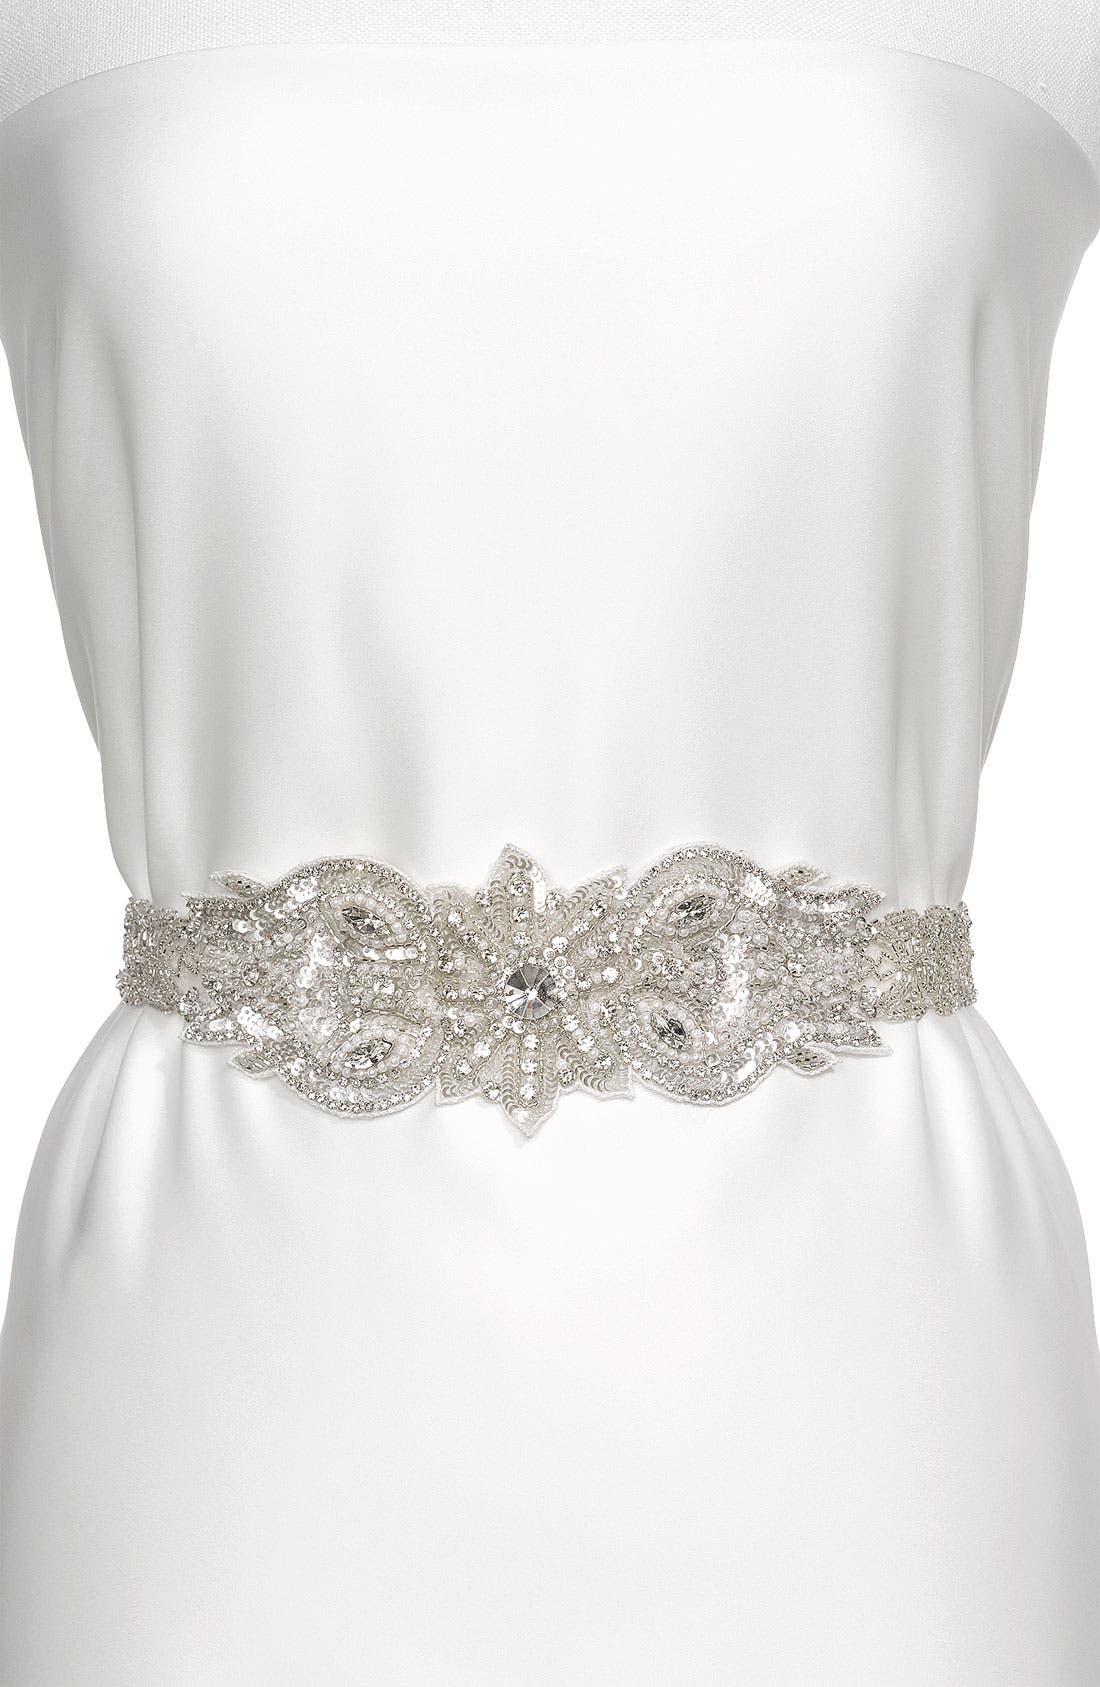 Alternate Image 1 Selected - Cara 'Vintage Crystal' Belt